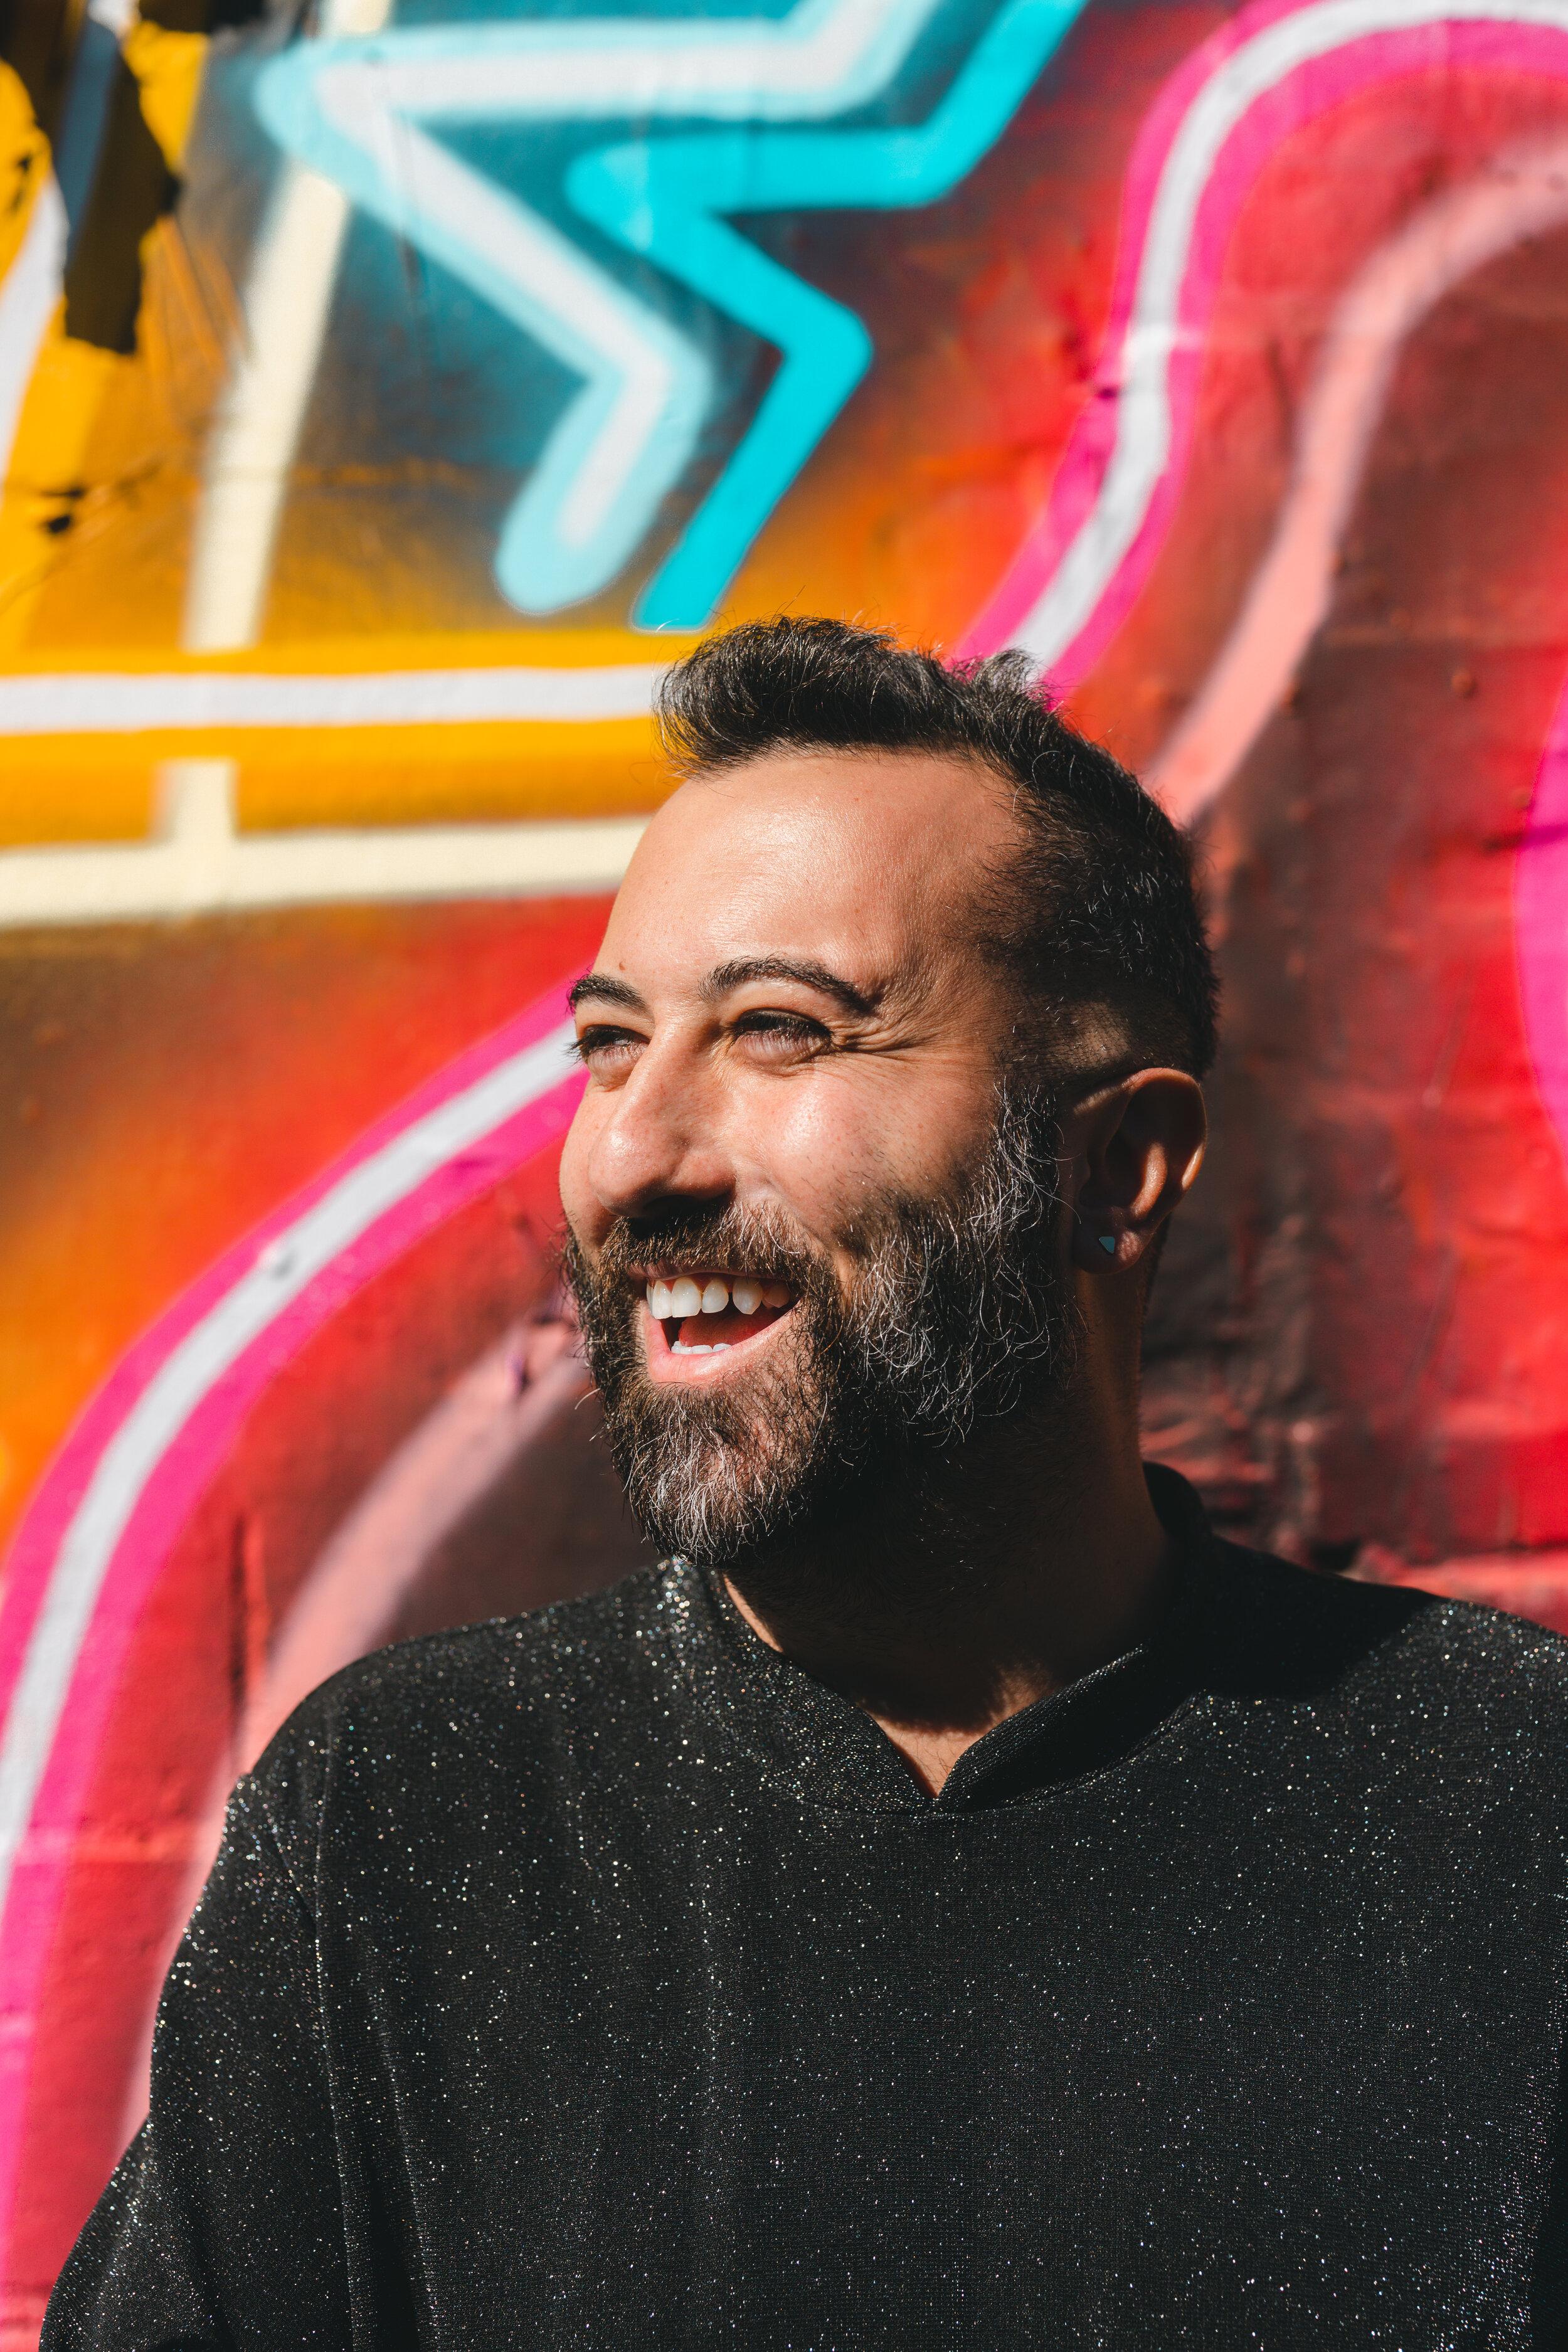 Barry Brandon - The Queer Indigo